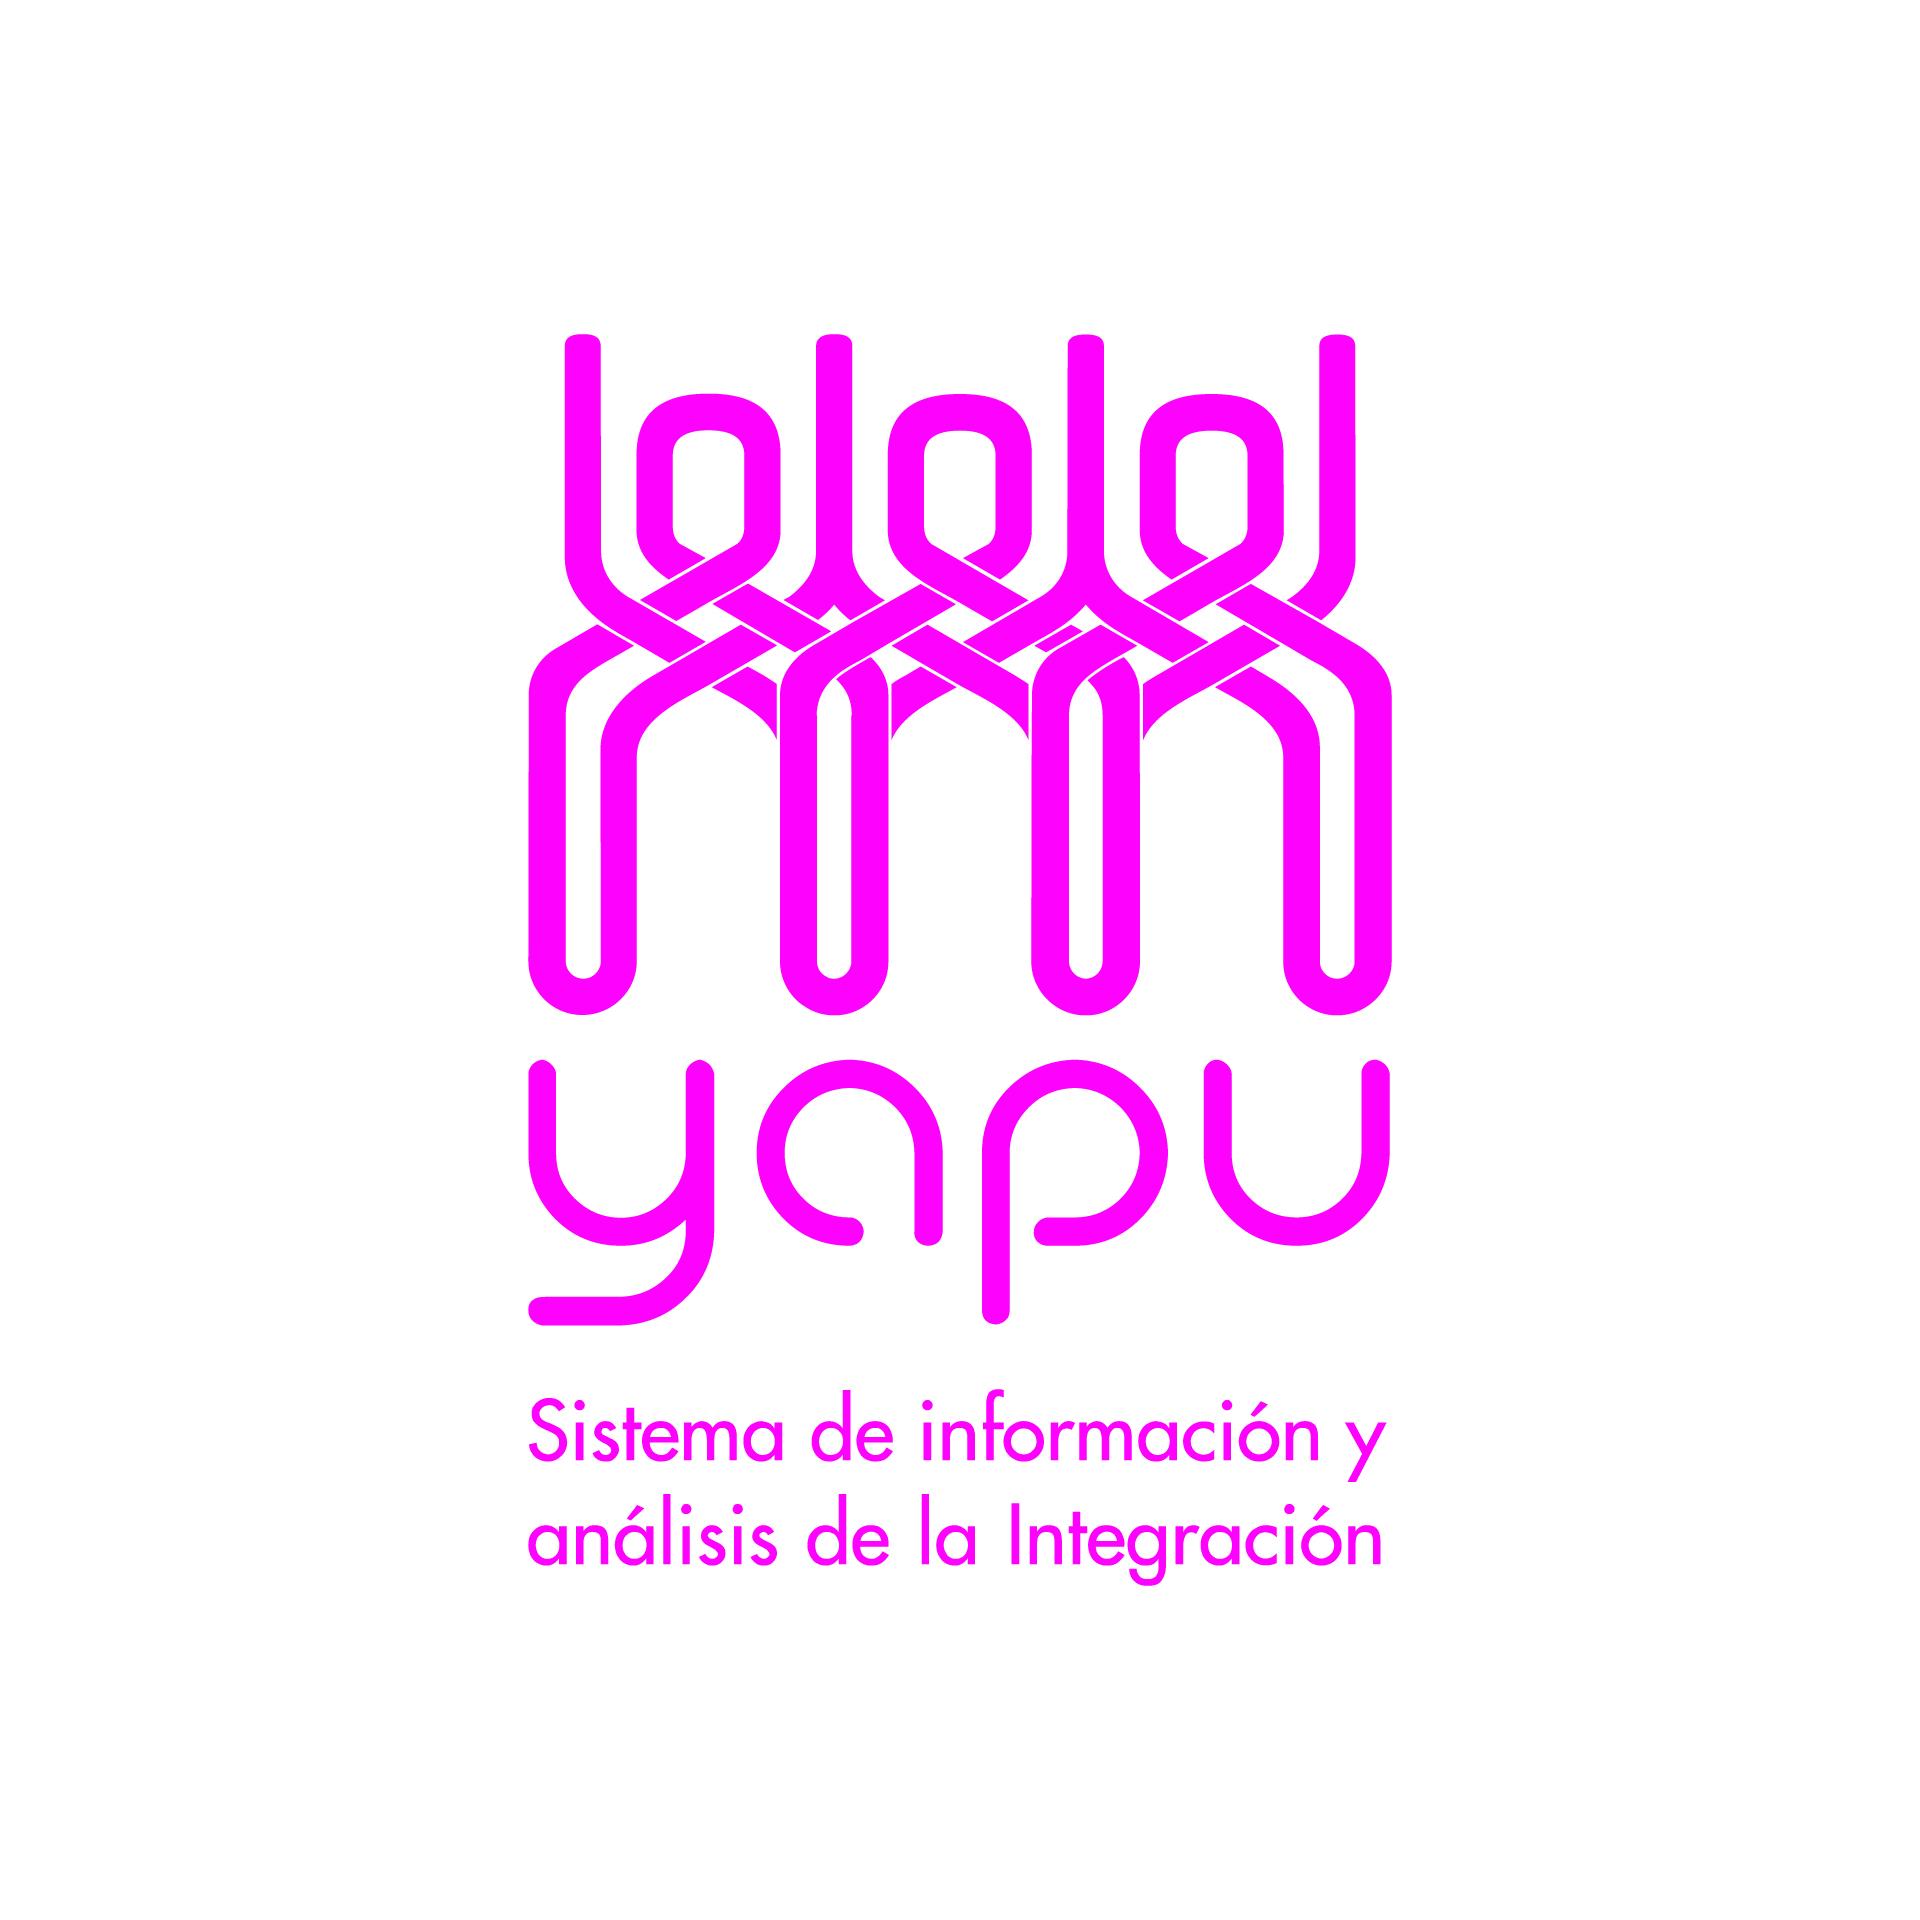 Diseño de Identidad Visual y Logotipo para la marca Yapu